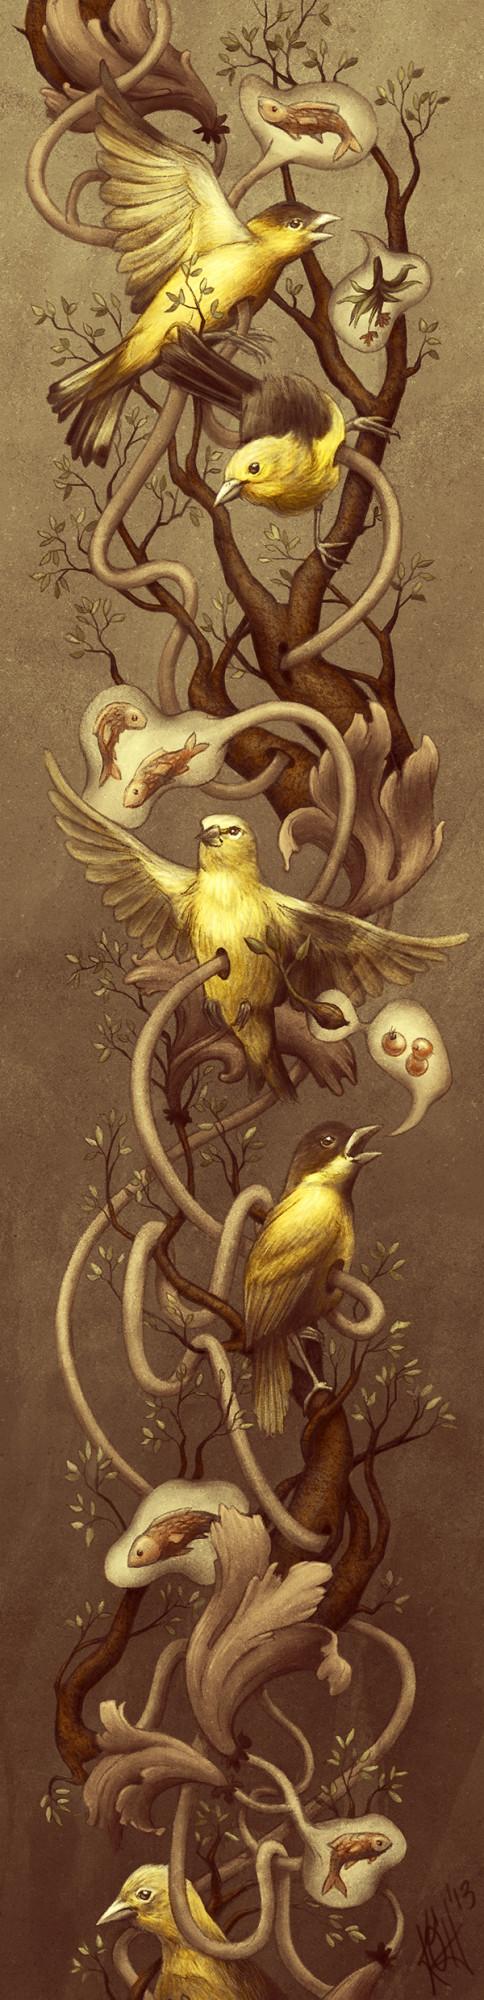 GOLDFINCH - Kate O'Hara - biological Illustration